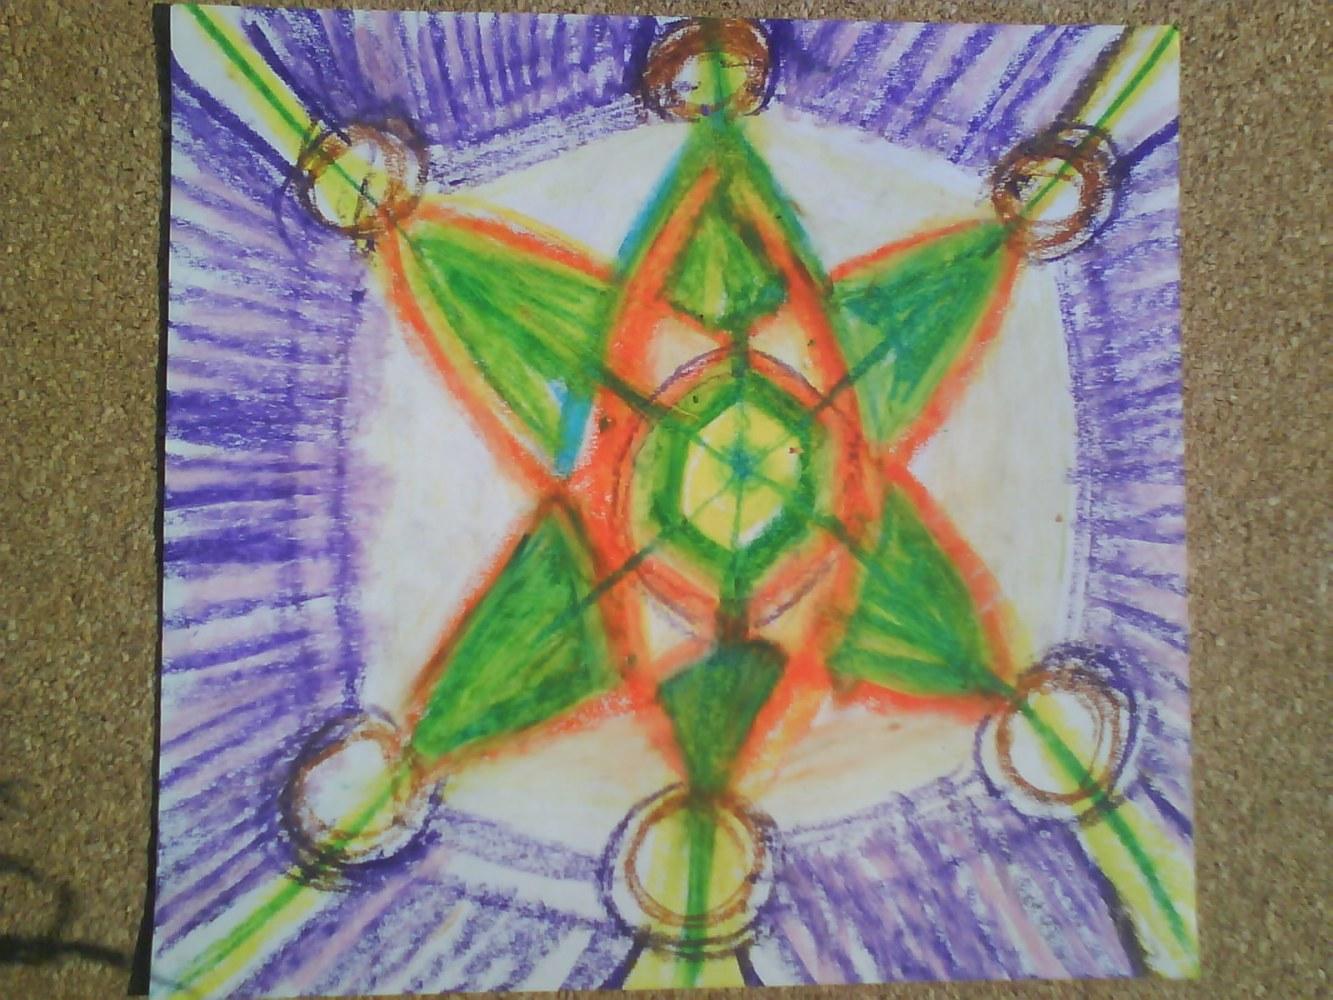 Atomo de la telapatia unificante